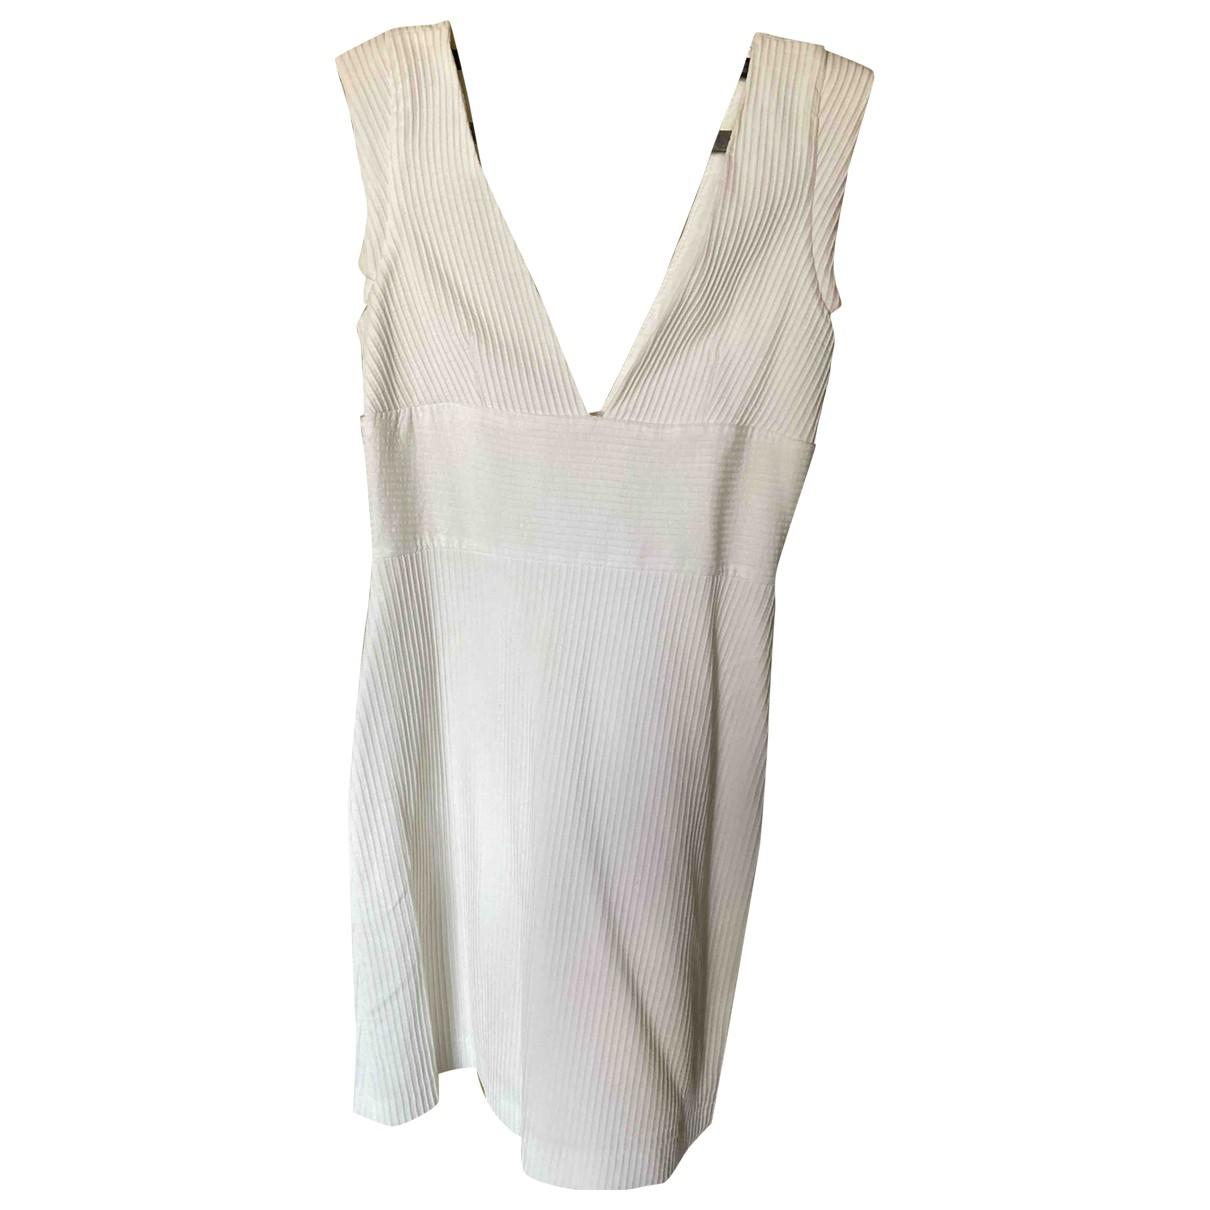 Zara \N Kleid in  Weiss Baumwolle - Elasthan